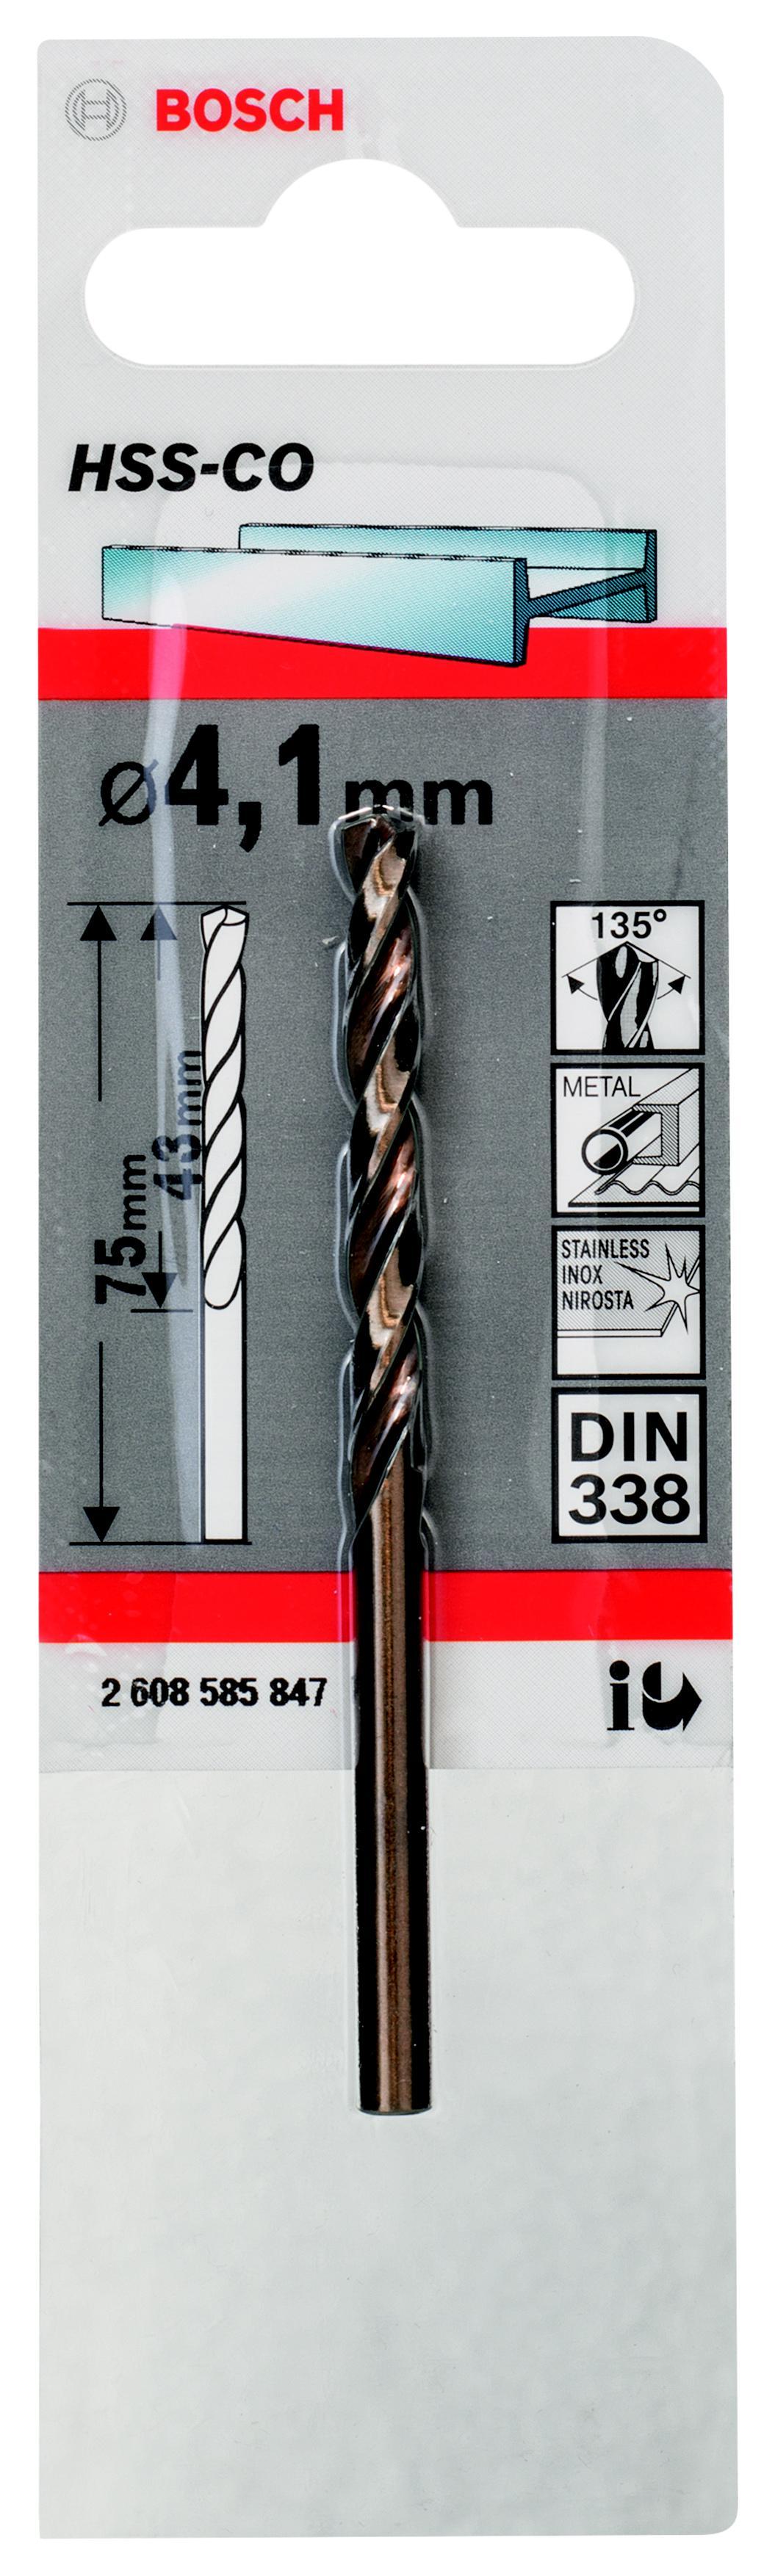 Сверло Bosch 1 hss-co (2.608.585.847) аксессуары veld co набор переводных татуировок черепа